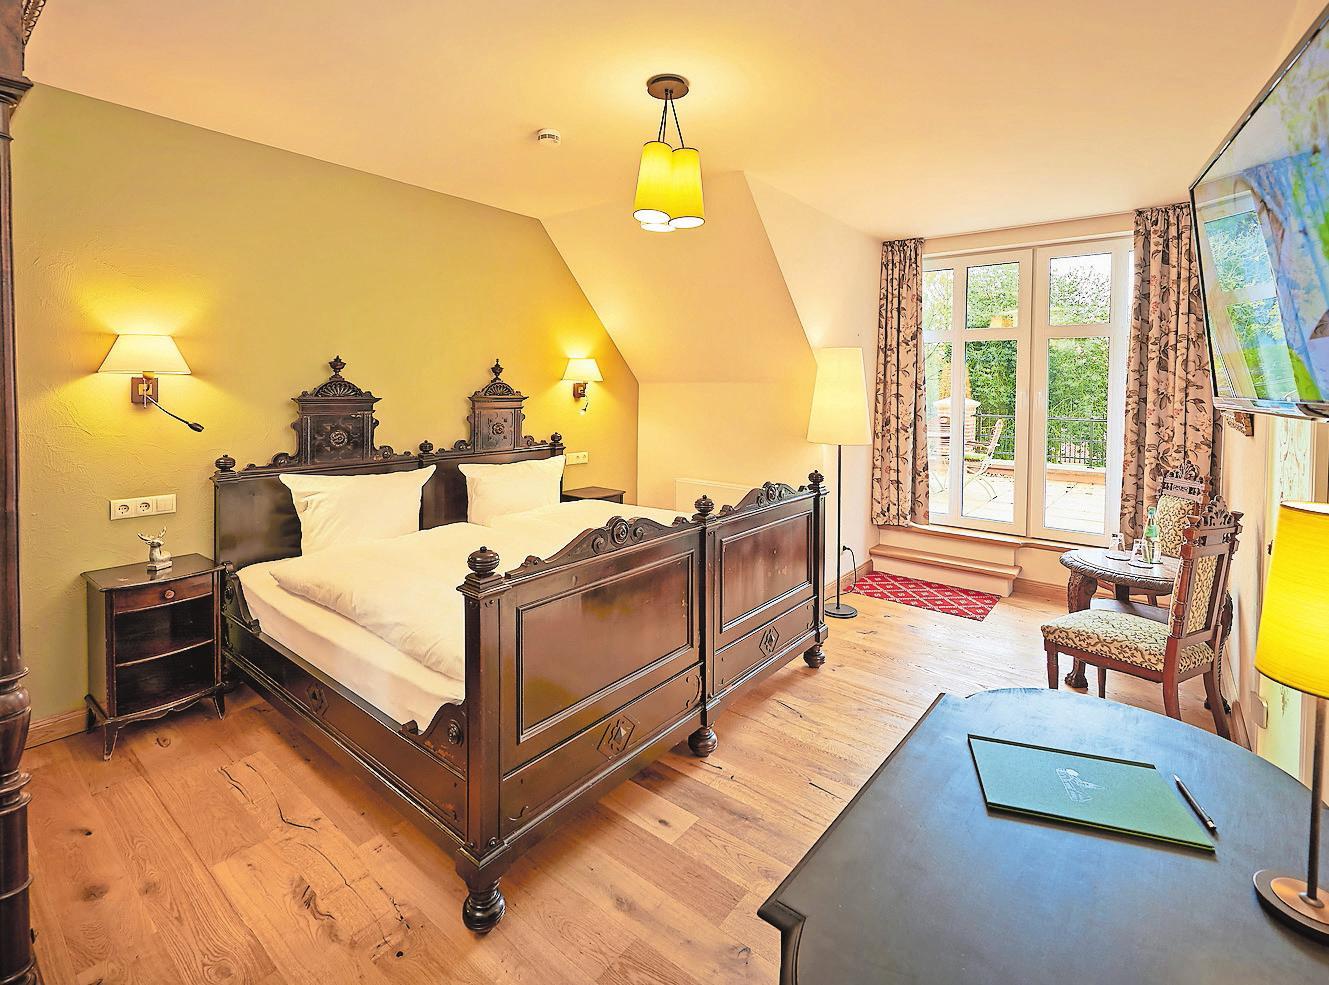 Moderne Zimmer, historische Möbel: Das Bett des Kardinals von Galen hat Wöst bei einem Antiquitätenhändler erworben.